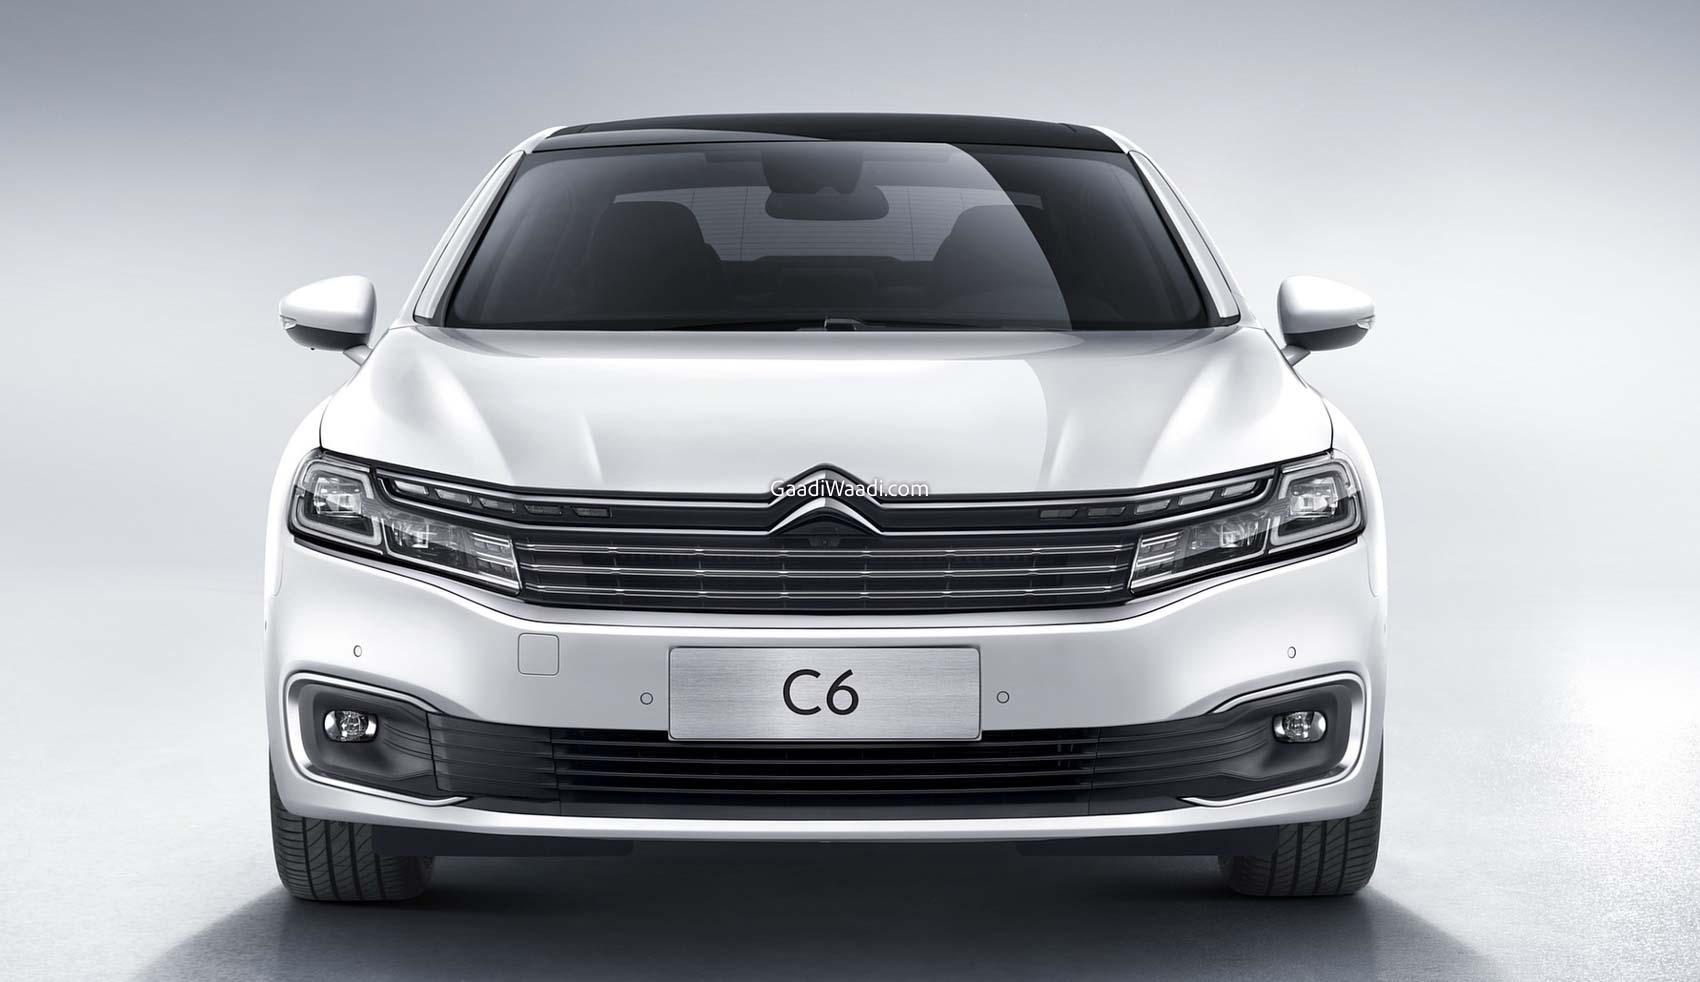 Honda City-Rivaling Citroen CC26 Sedan Set For Launch In 2023 - GaadiWaadi.com